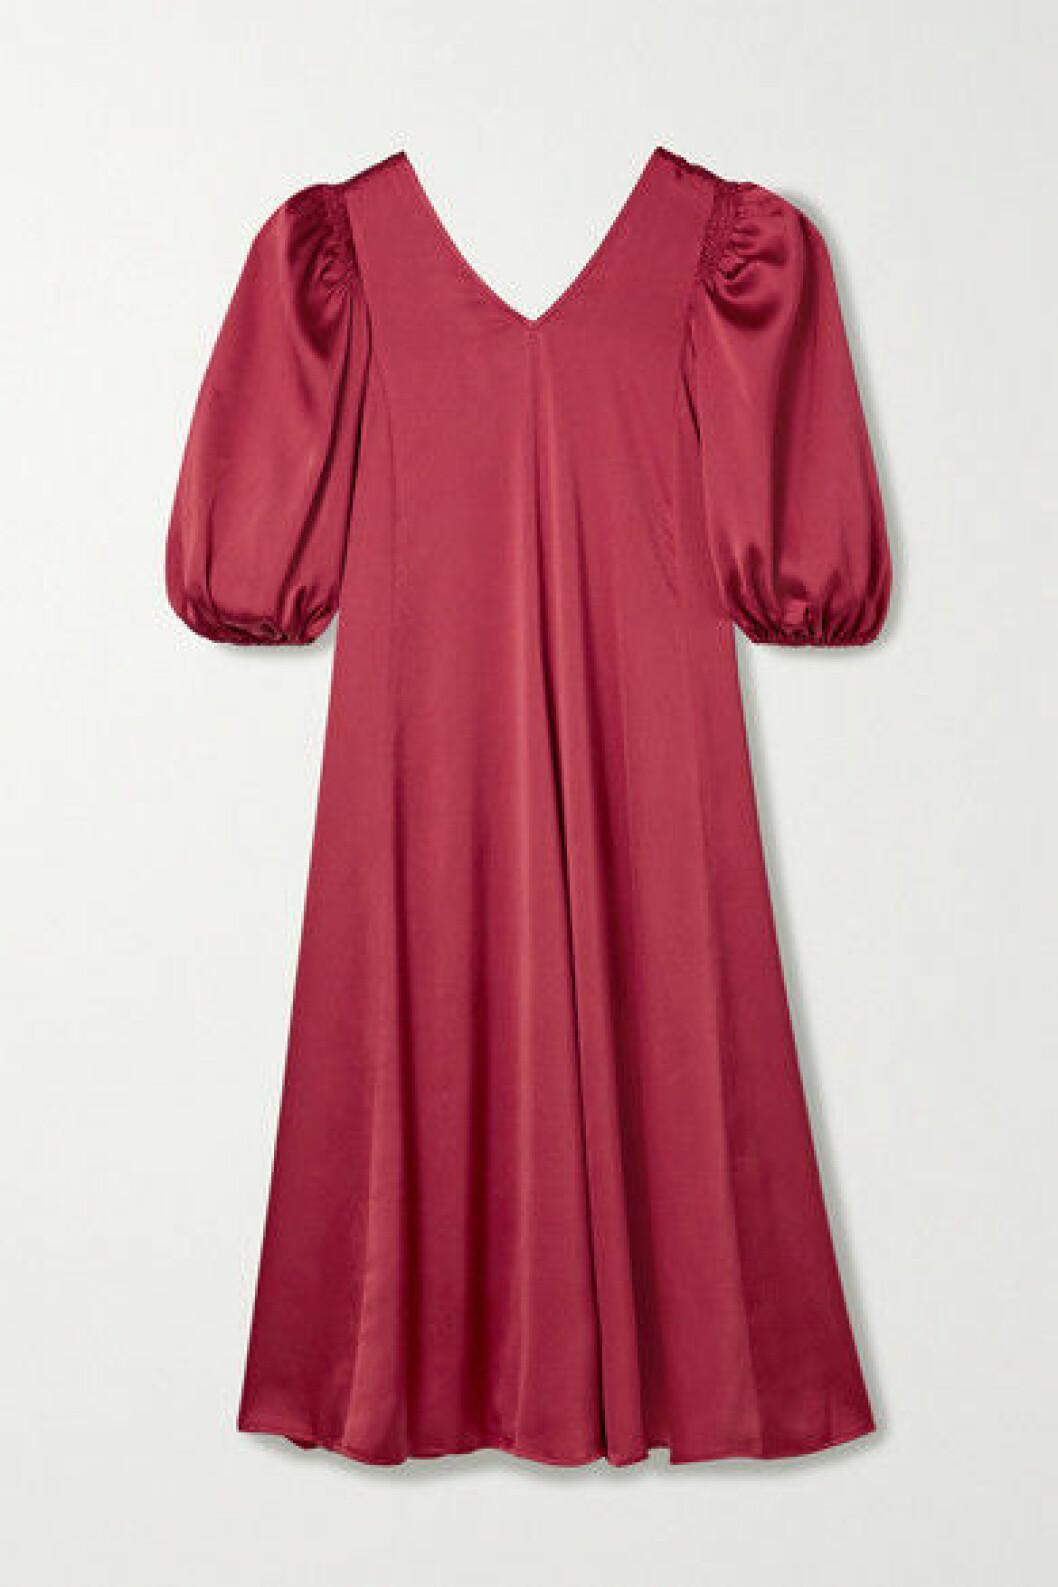 klänning med puffärm från Stine Goya